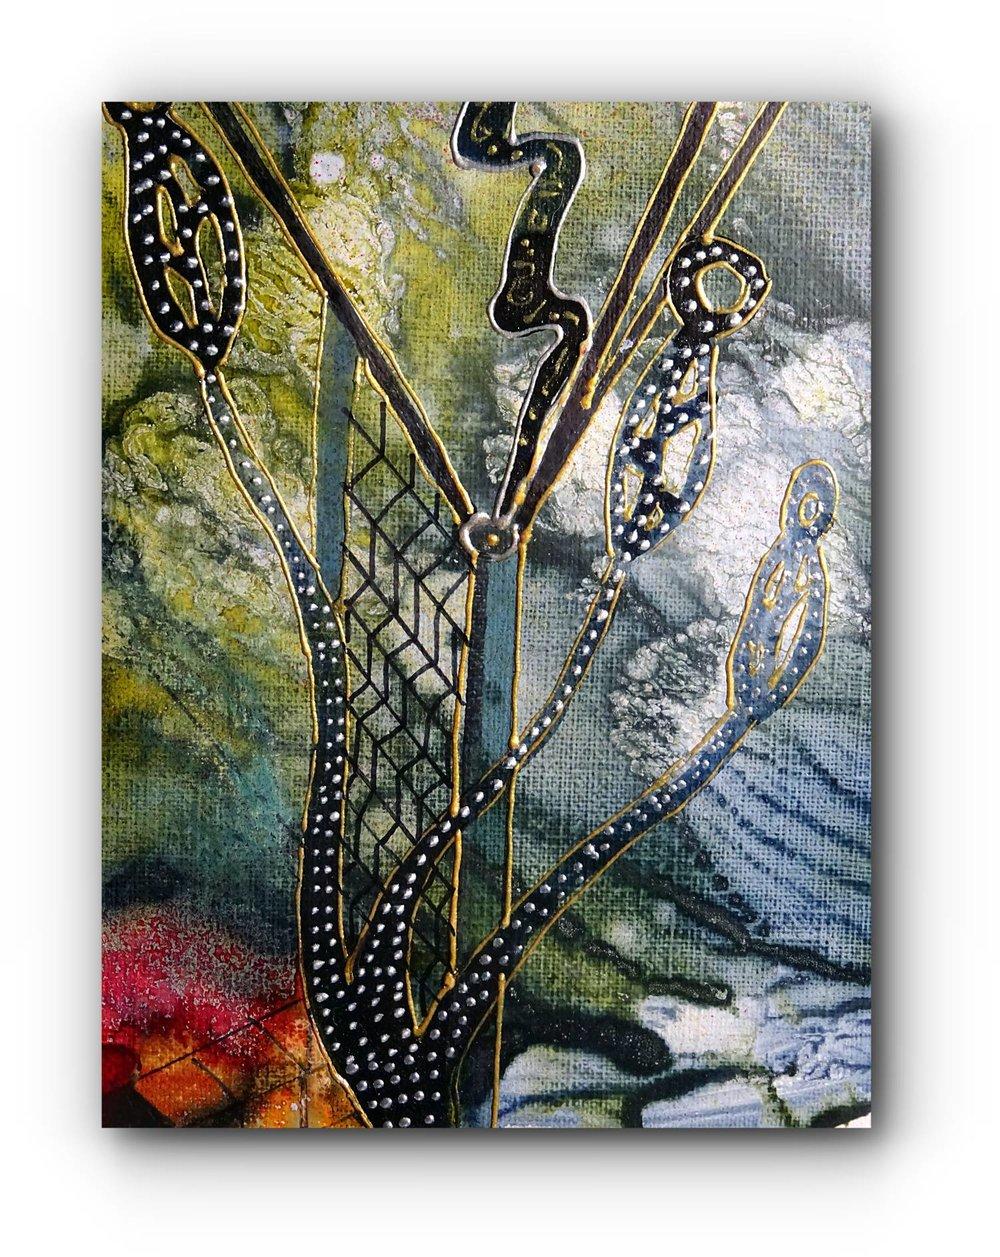 painting-details-architecture-mind-artist-duo-ingress-vortices.jpg